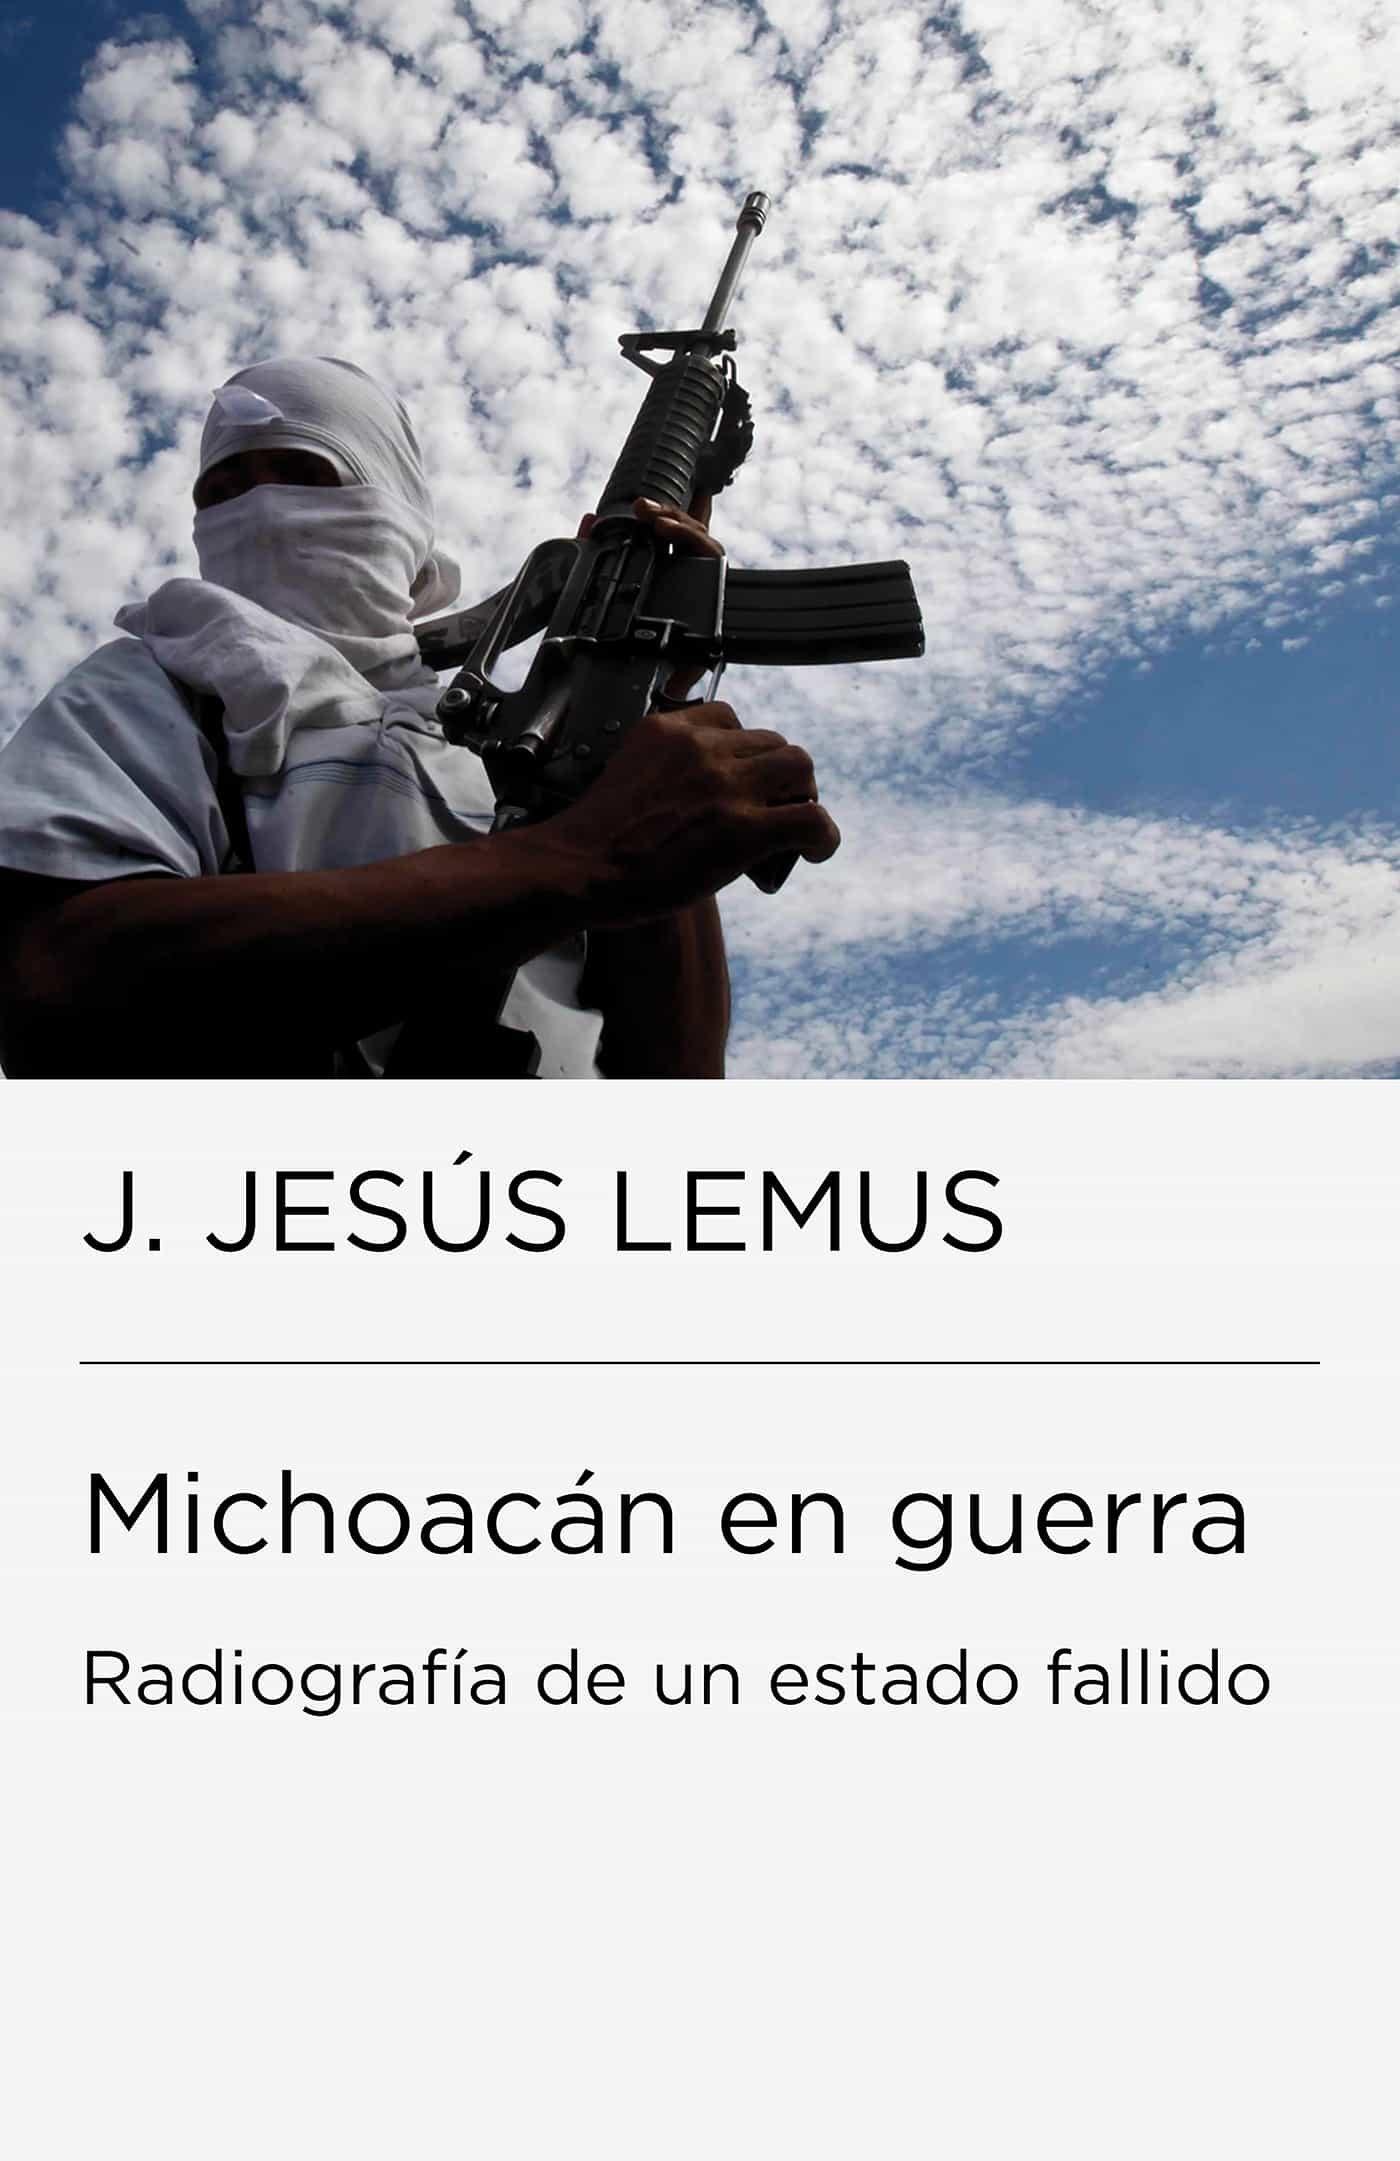 c07472d8e Michoacán En Guerra (ebook) · Ebooks · El Corte Inglés